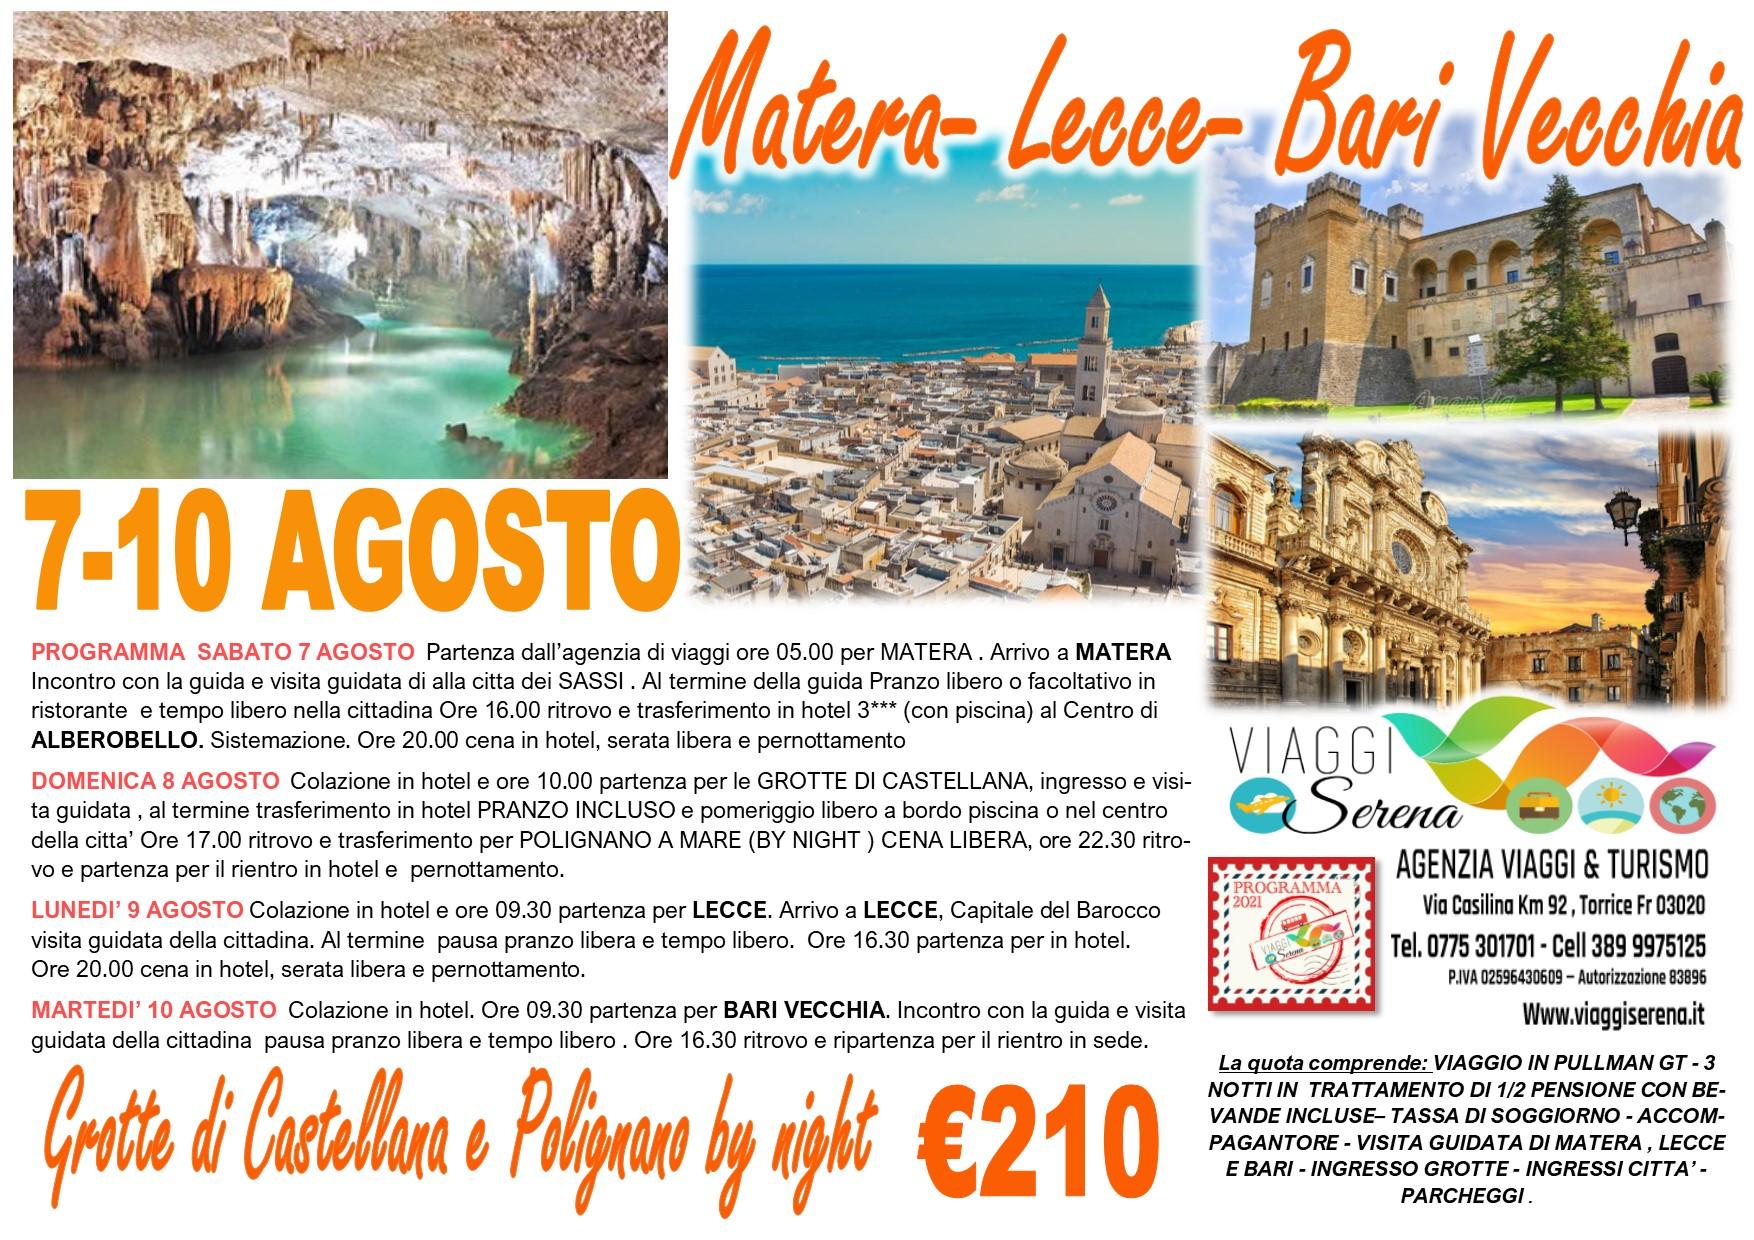 Viaggi di Gruppo: Matera, Lecce , Grotte di Castellana & Polignano a mare 7-10 Agosto € 210,00